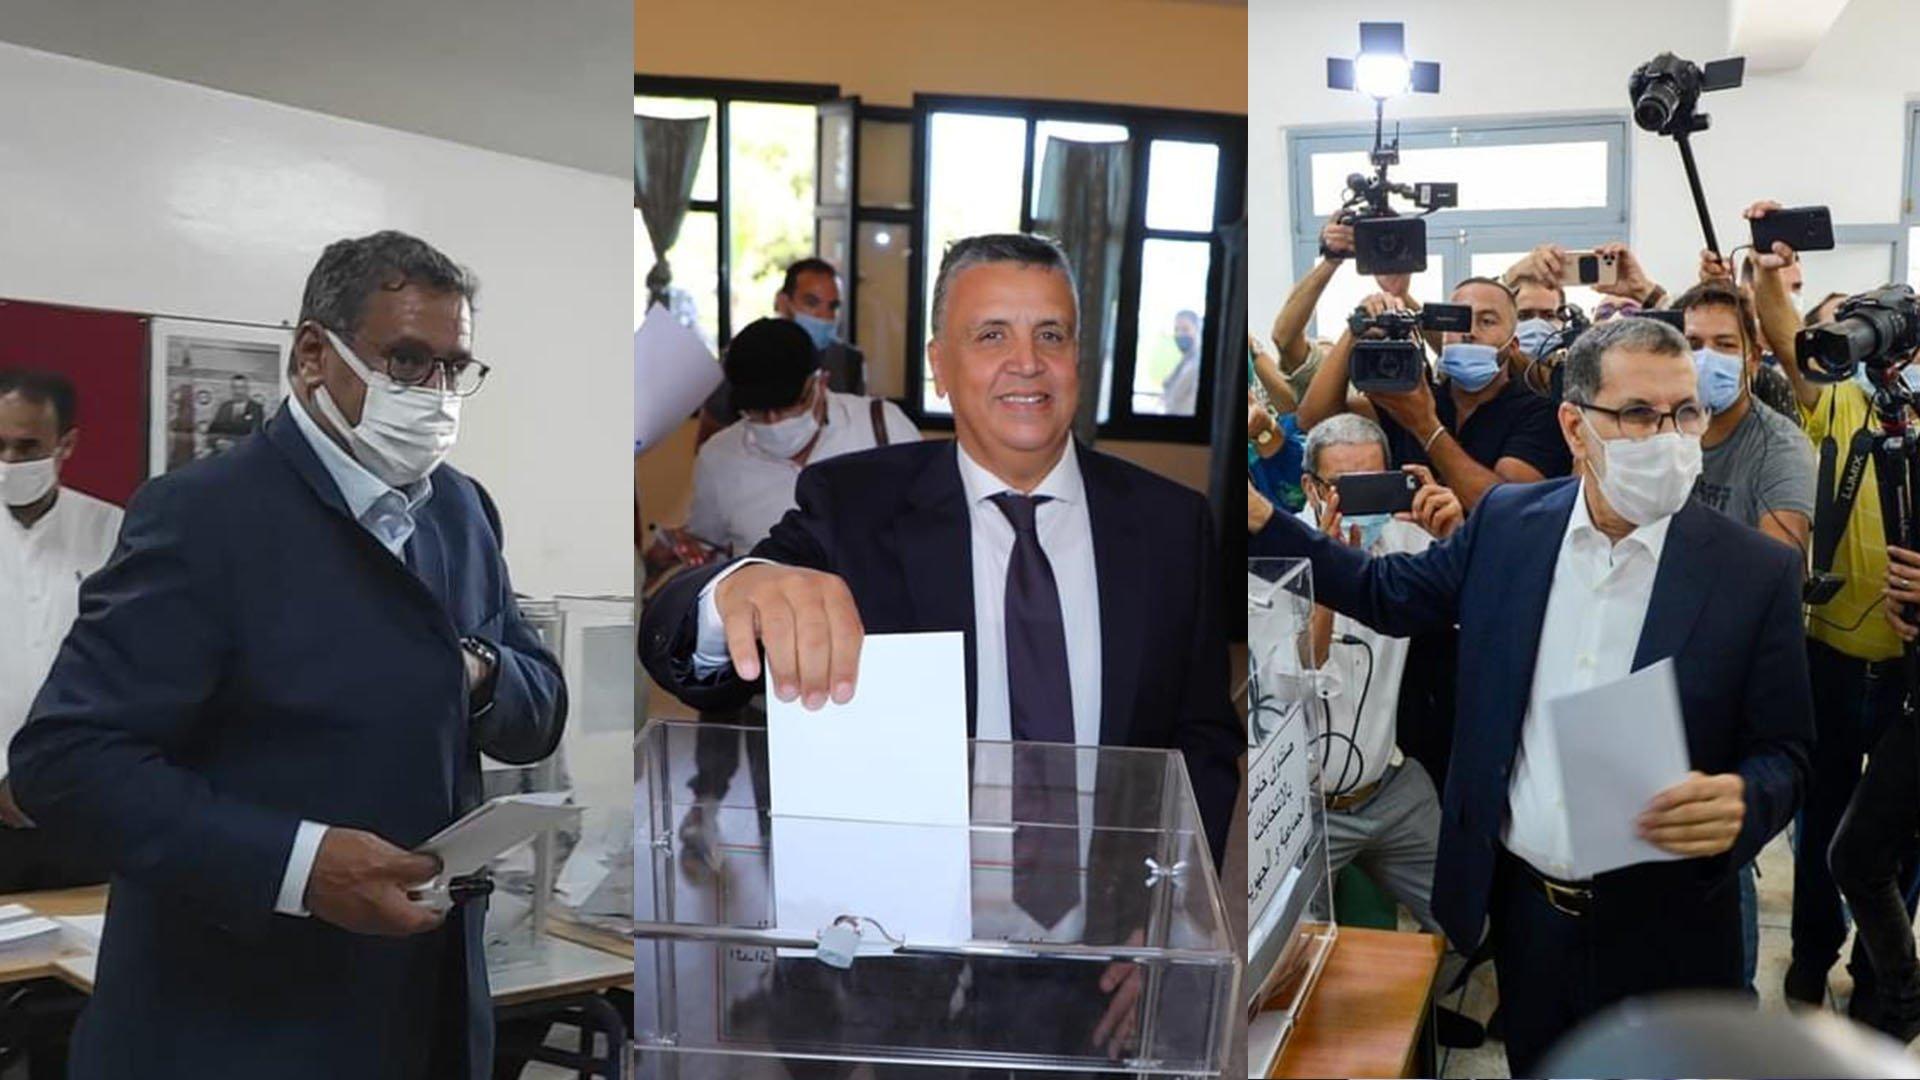 قادة الأحزاب أول  المصوتين والنسبة الأولية للمشاركة سجلت 12